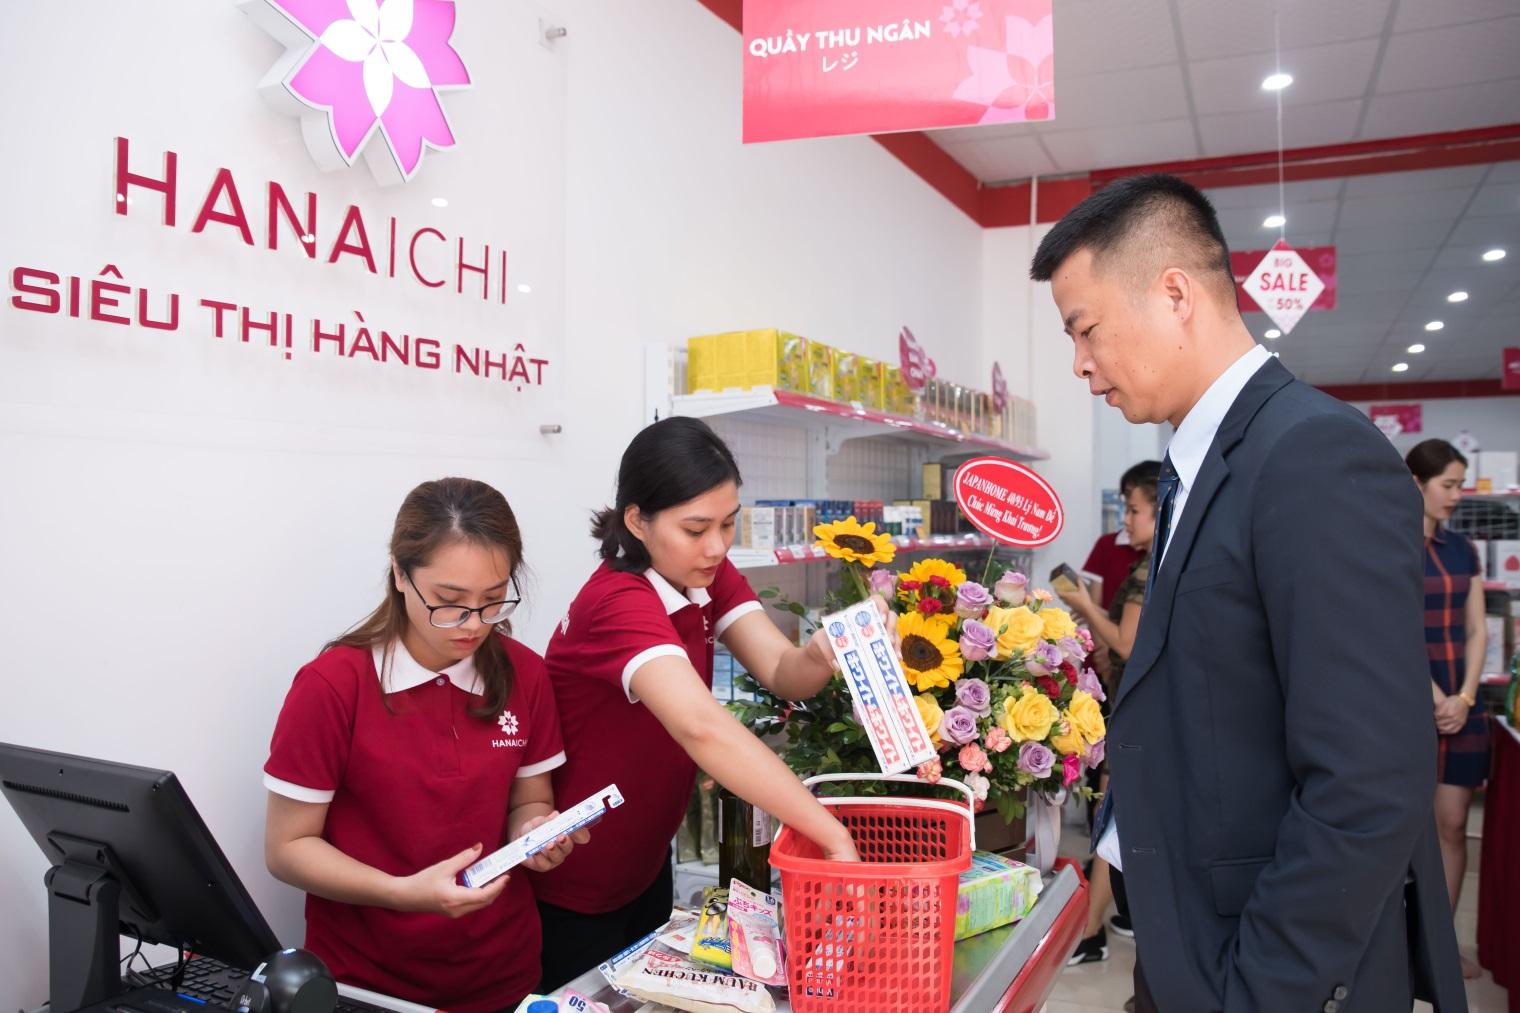 HANAICHI và tham vọng phủ sóng chuỗi siêu thị hàng Nhật nội địa chính hãng, uy tín tại Việt Nam - Ảnh 2.